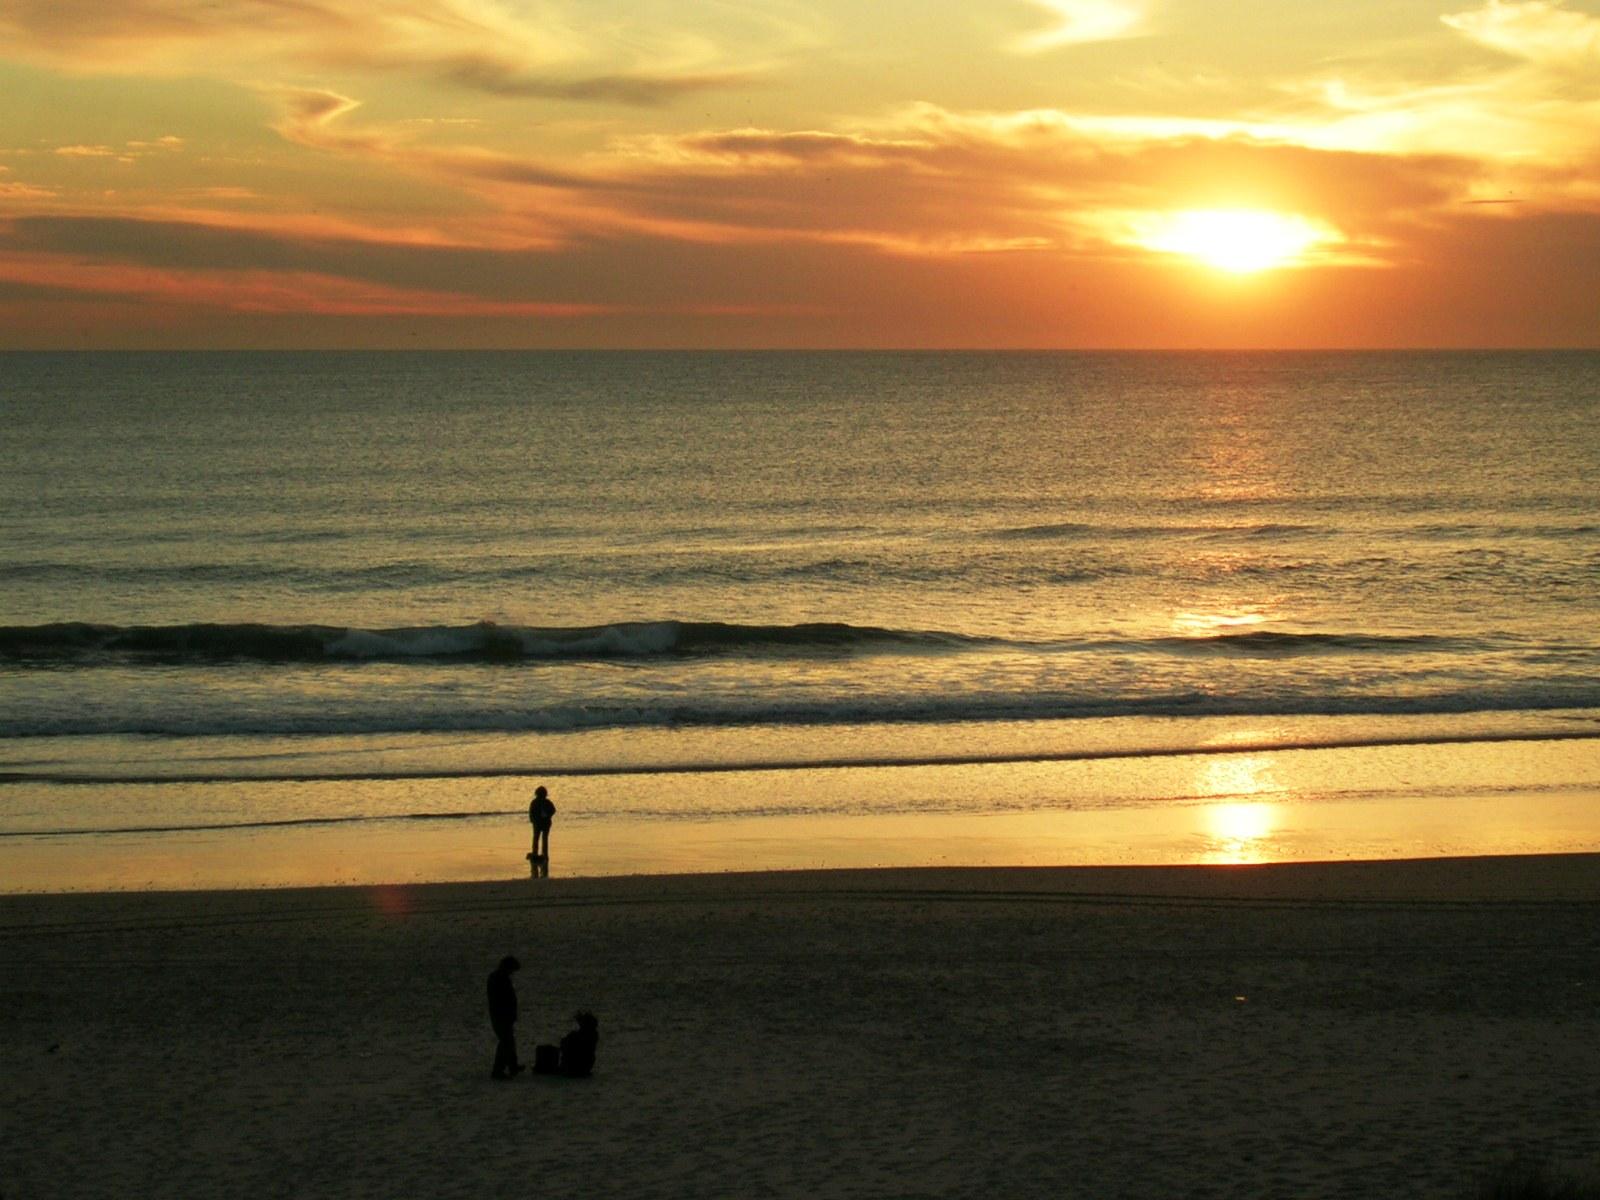 Foto playa El Puerco / La loma del puerco. Atardecer en la Barrosa